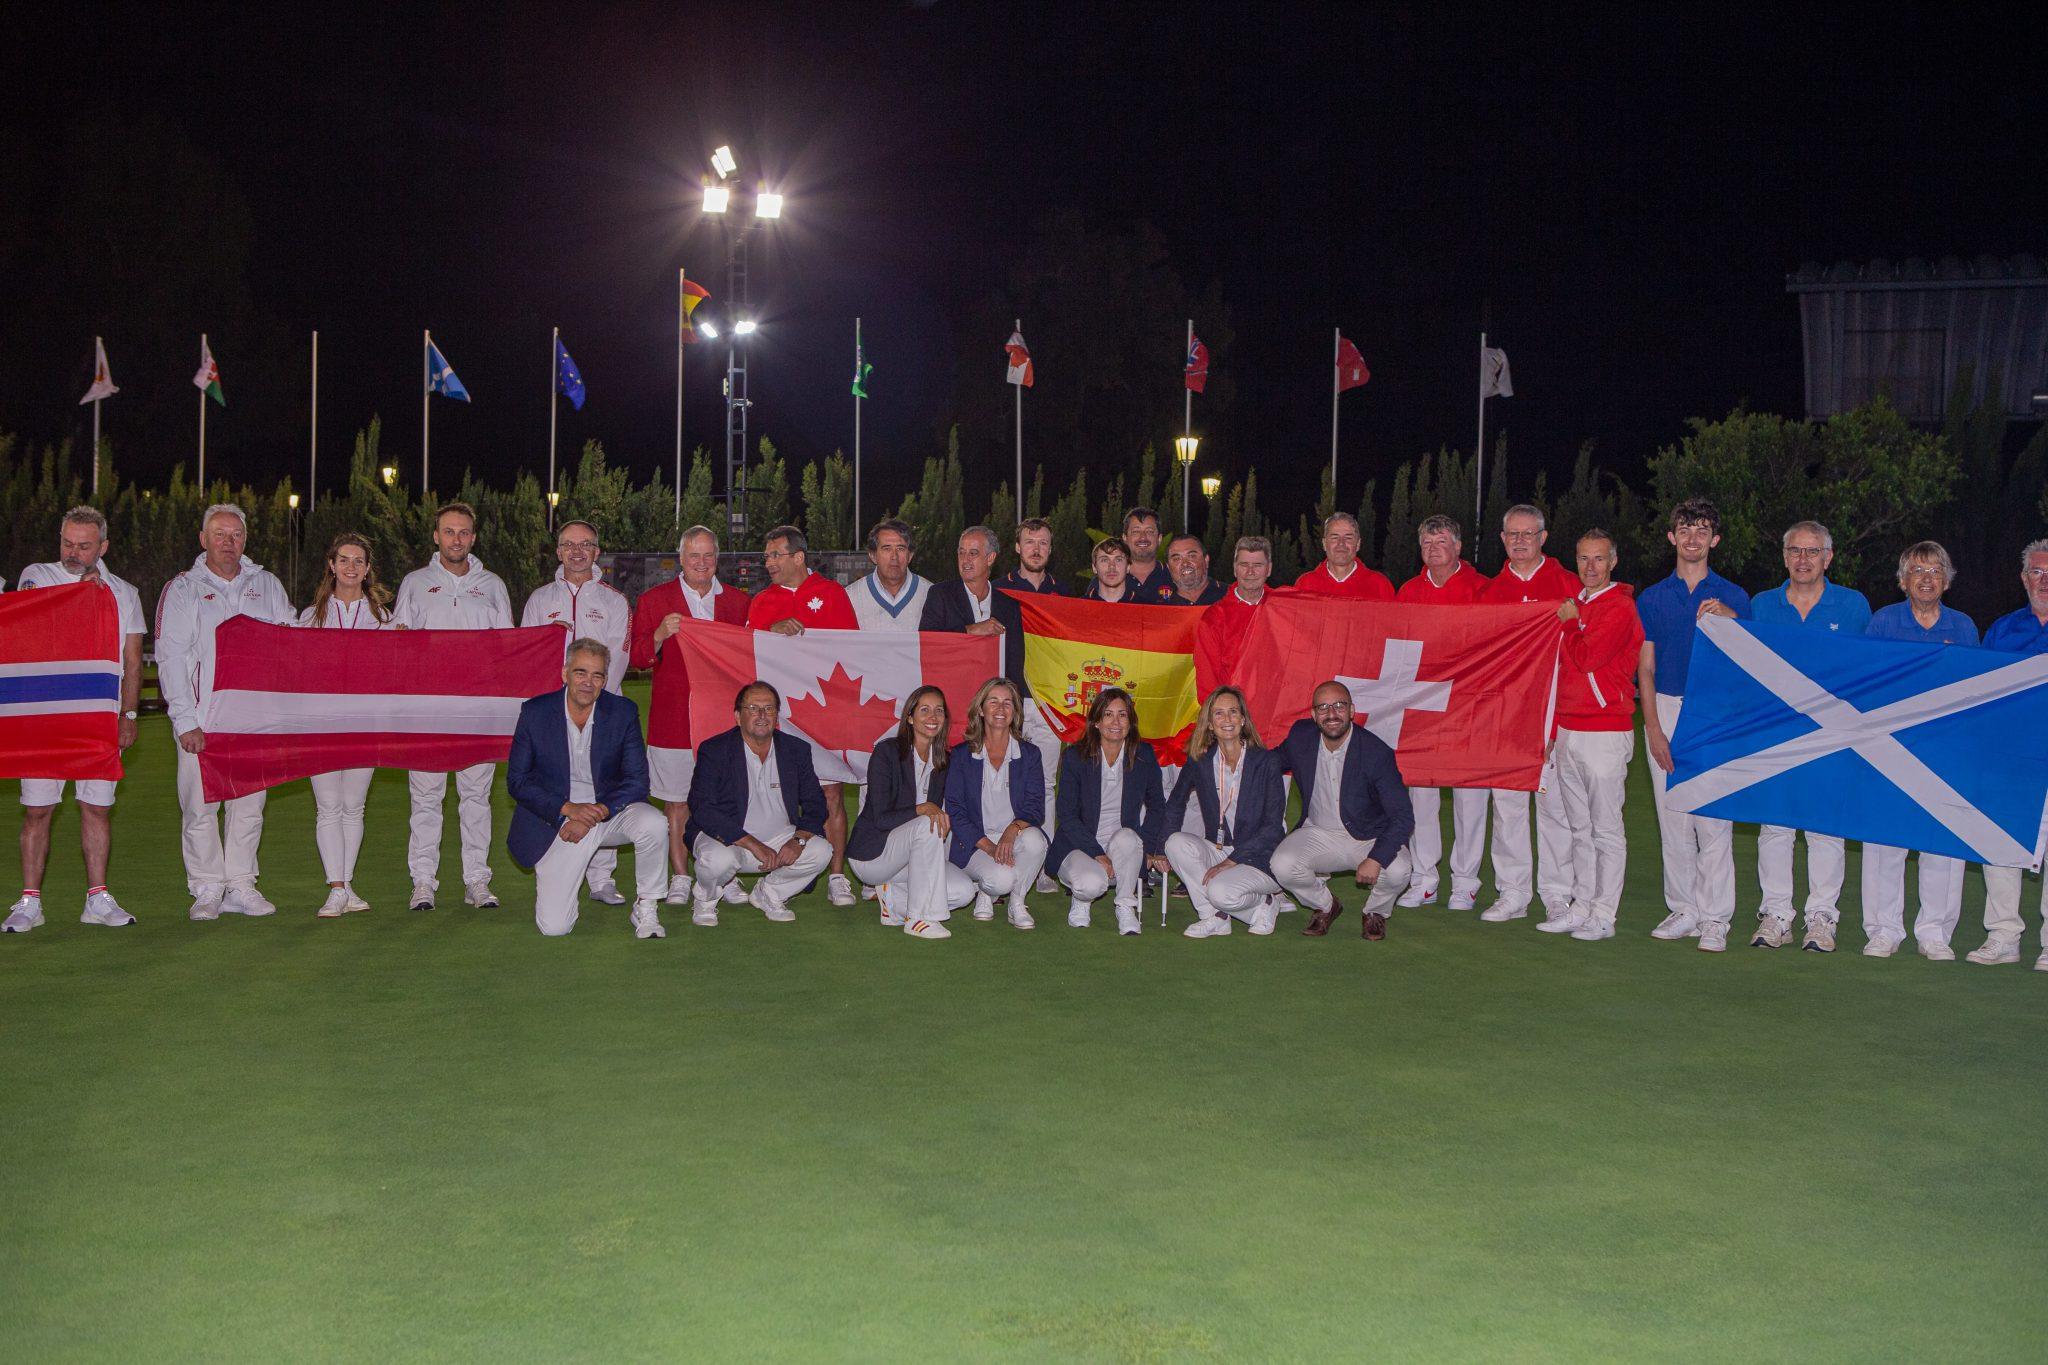 III Campeonato del Mundo de Croquet por Países - Real Novo Sancti Petri 201